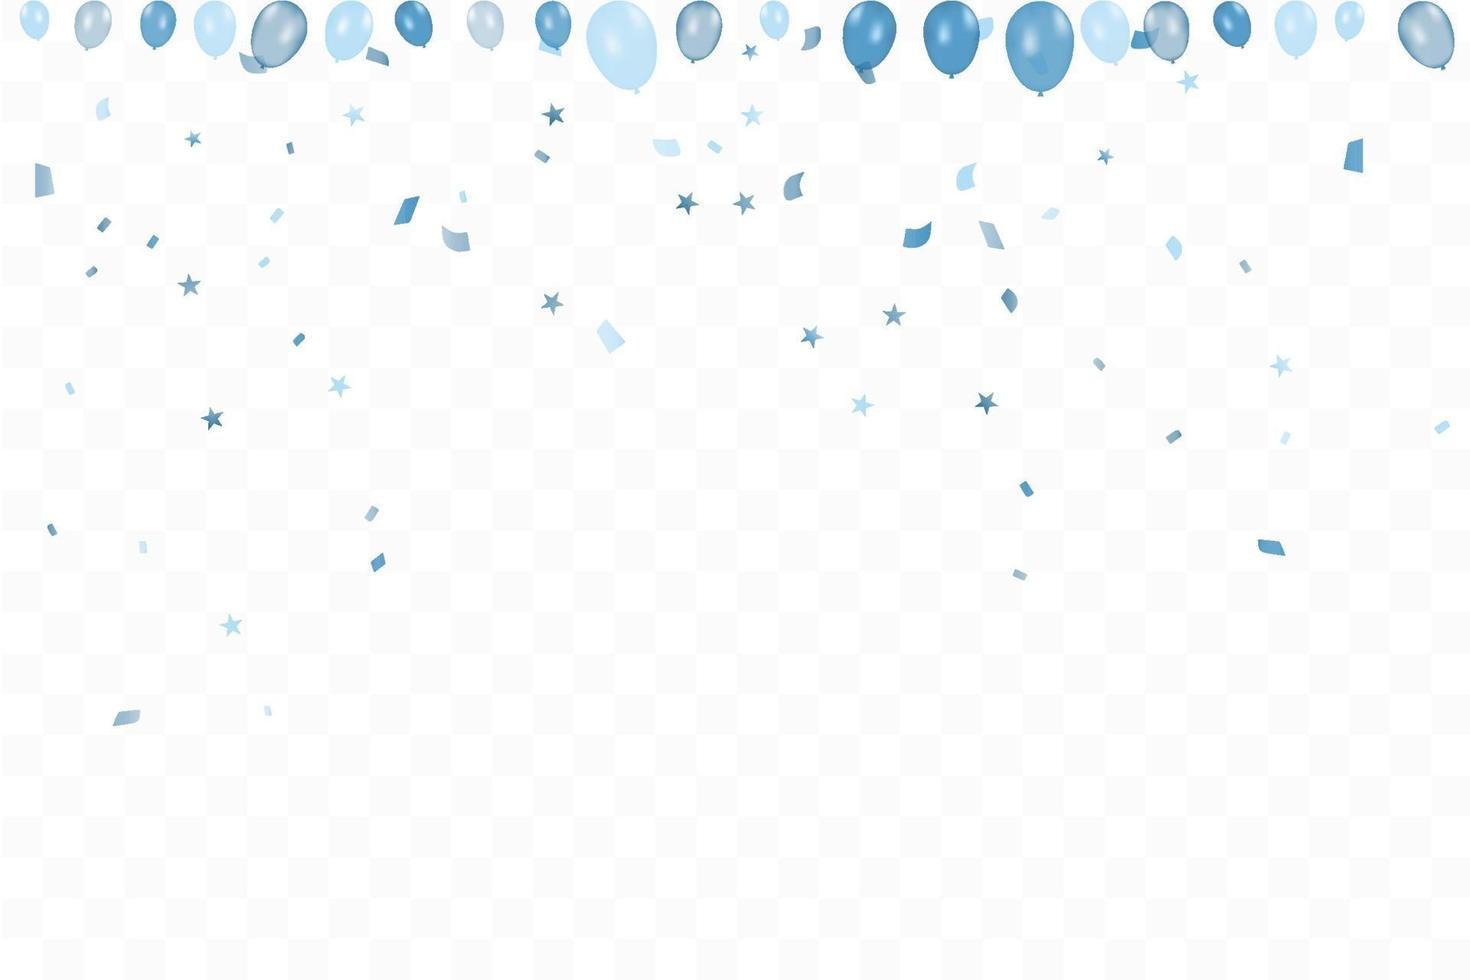 verjaardag van de jongen. gelukkige verjaardag achtergrond met blauwe ballonnen en confetti. viering evenement partij. veelkleurig. vector